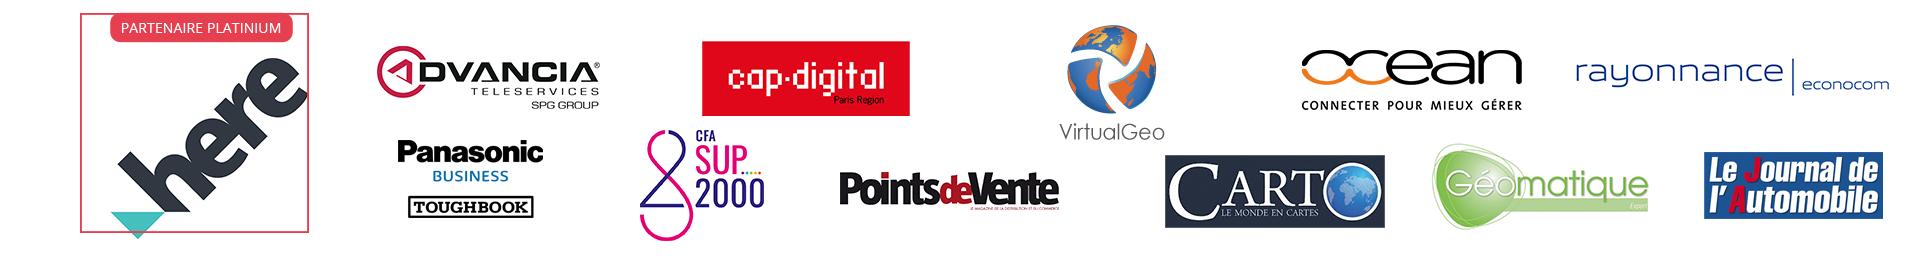 bandeau-logos-partenaires-GEOWORLD2018.png